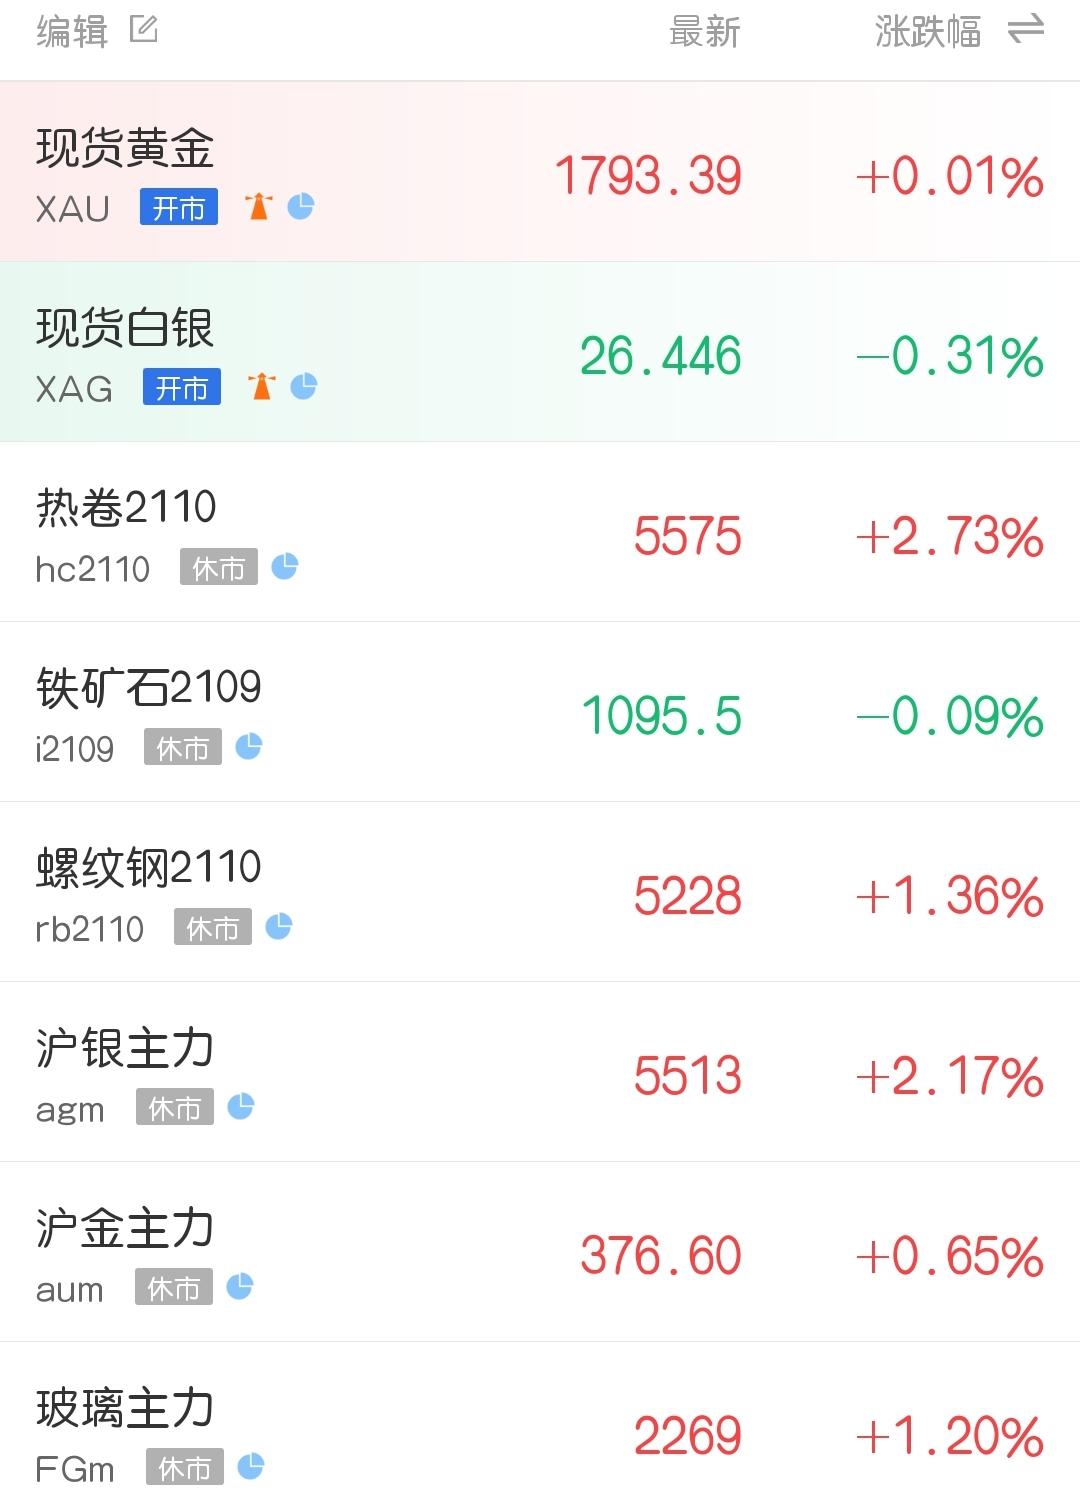 库存仍处下降通道 钢材期货市场再度走强